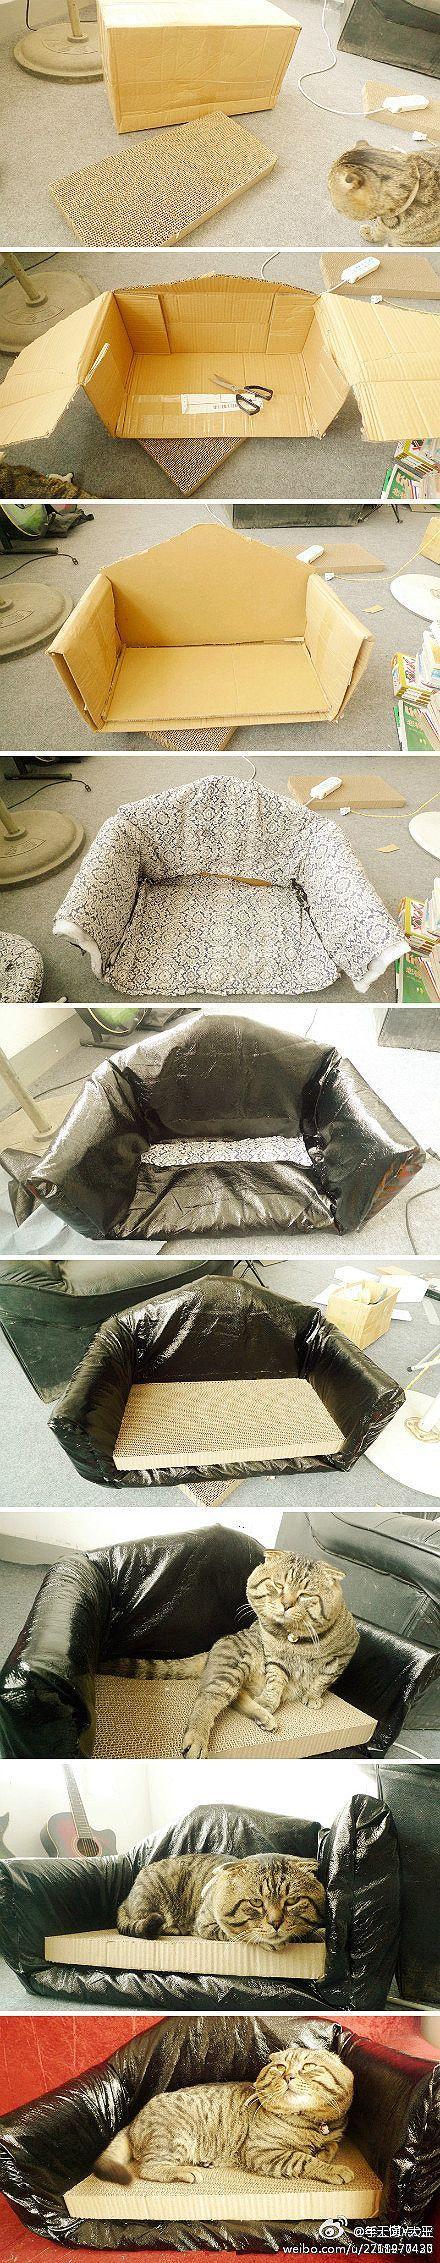 DIY Carton Cat Bed DIY Projects | UsefulDIY.com